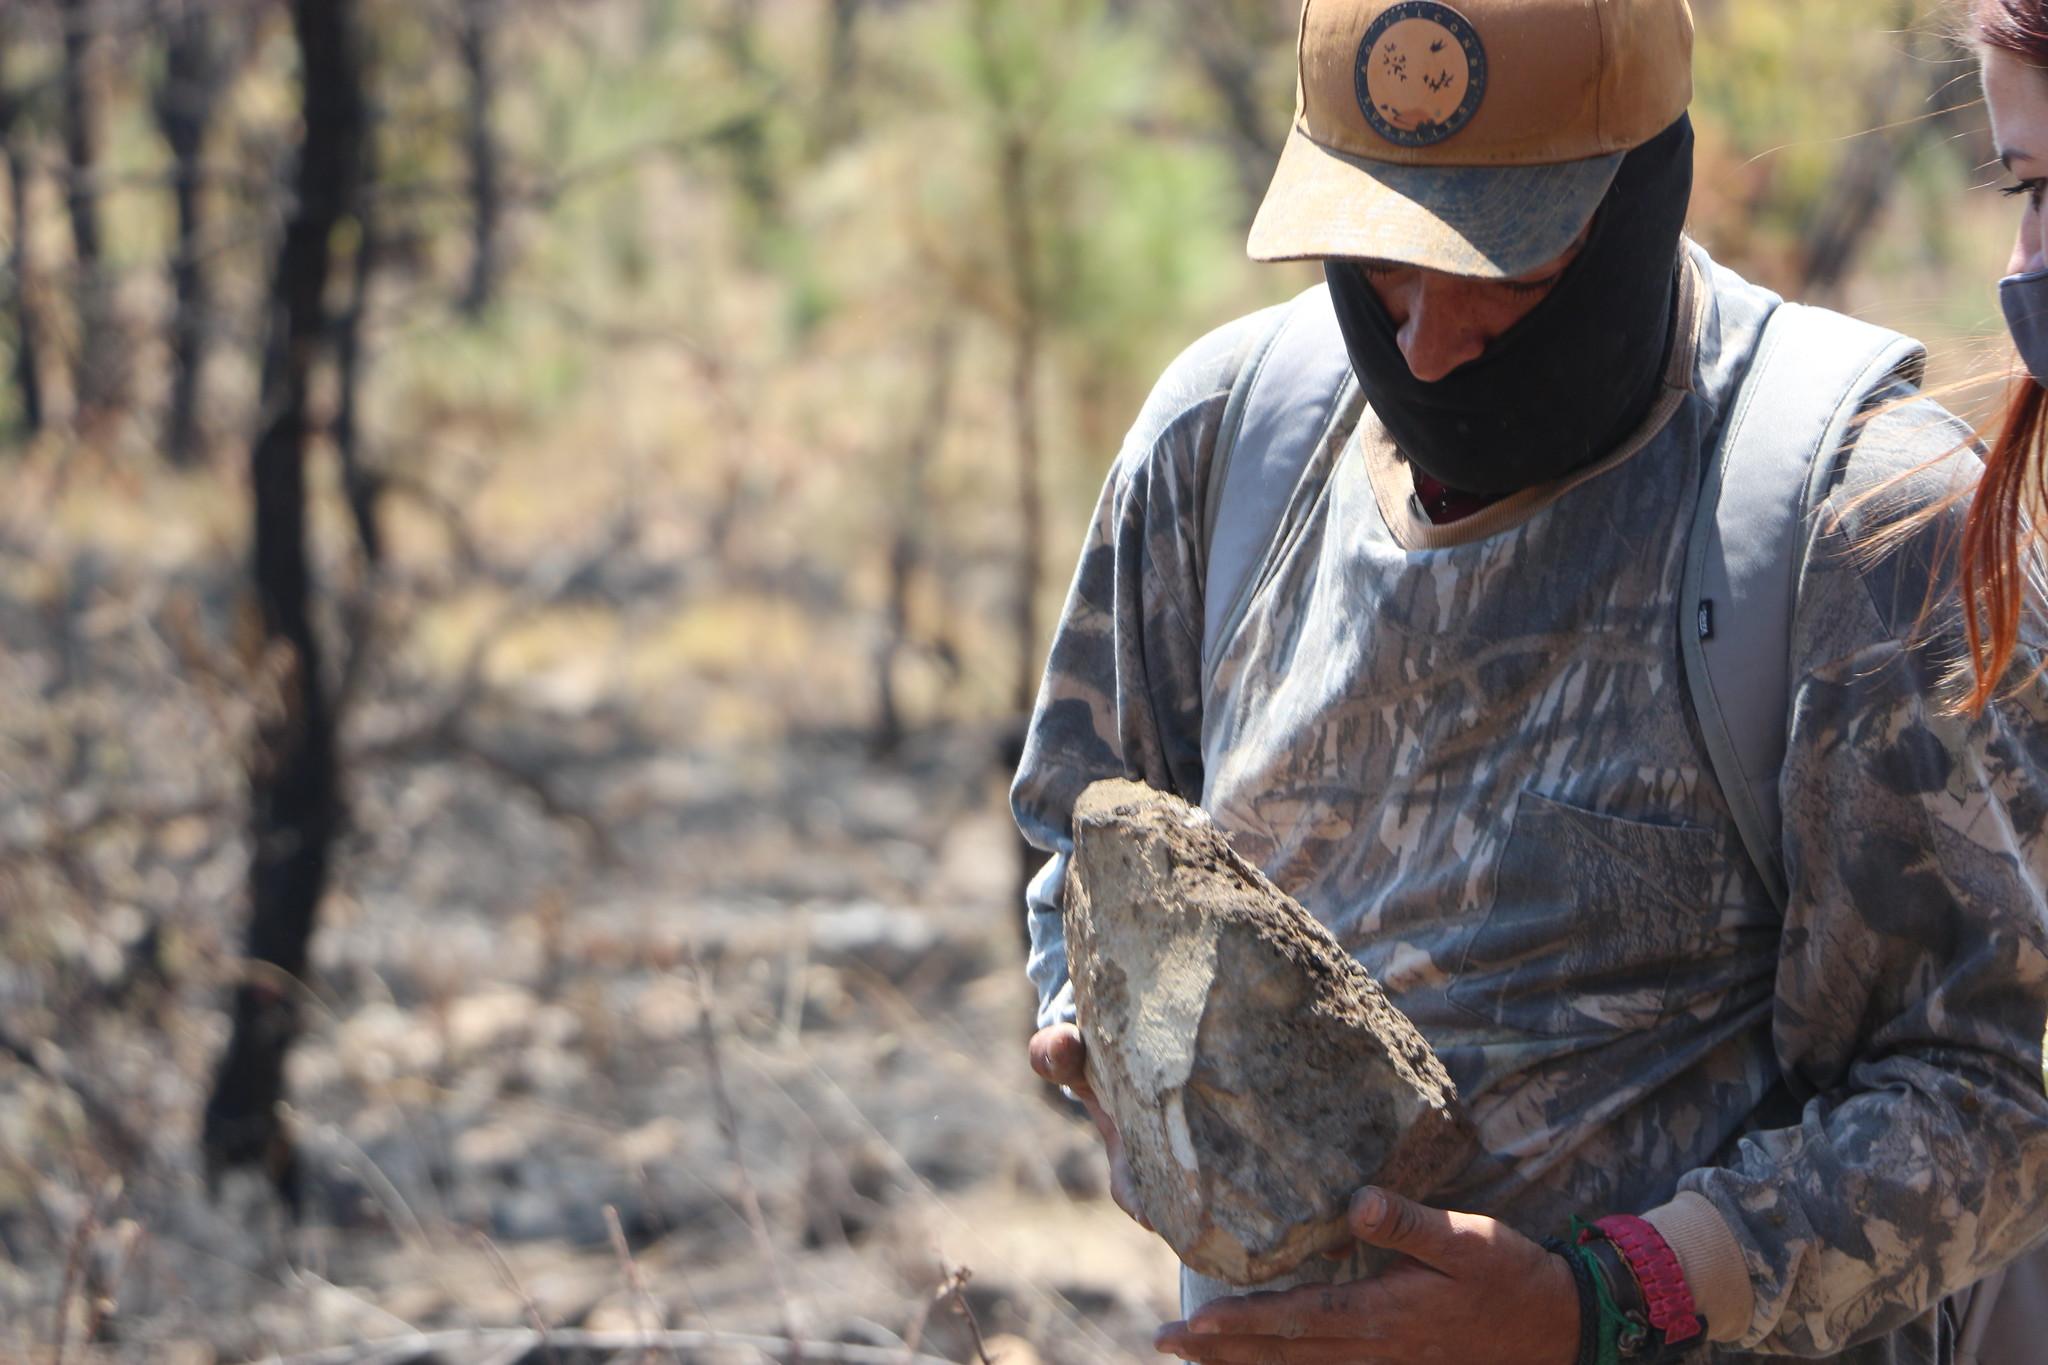 Monitorean en zonas de La Primavera, afectadas por incendio, la fauna silvestre